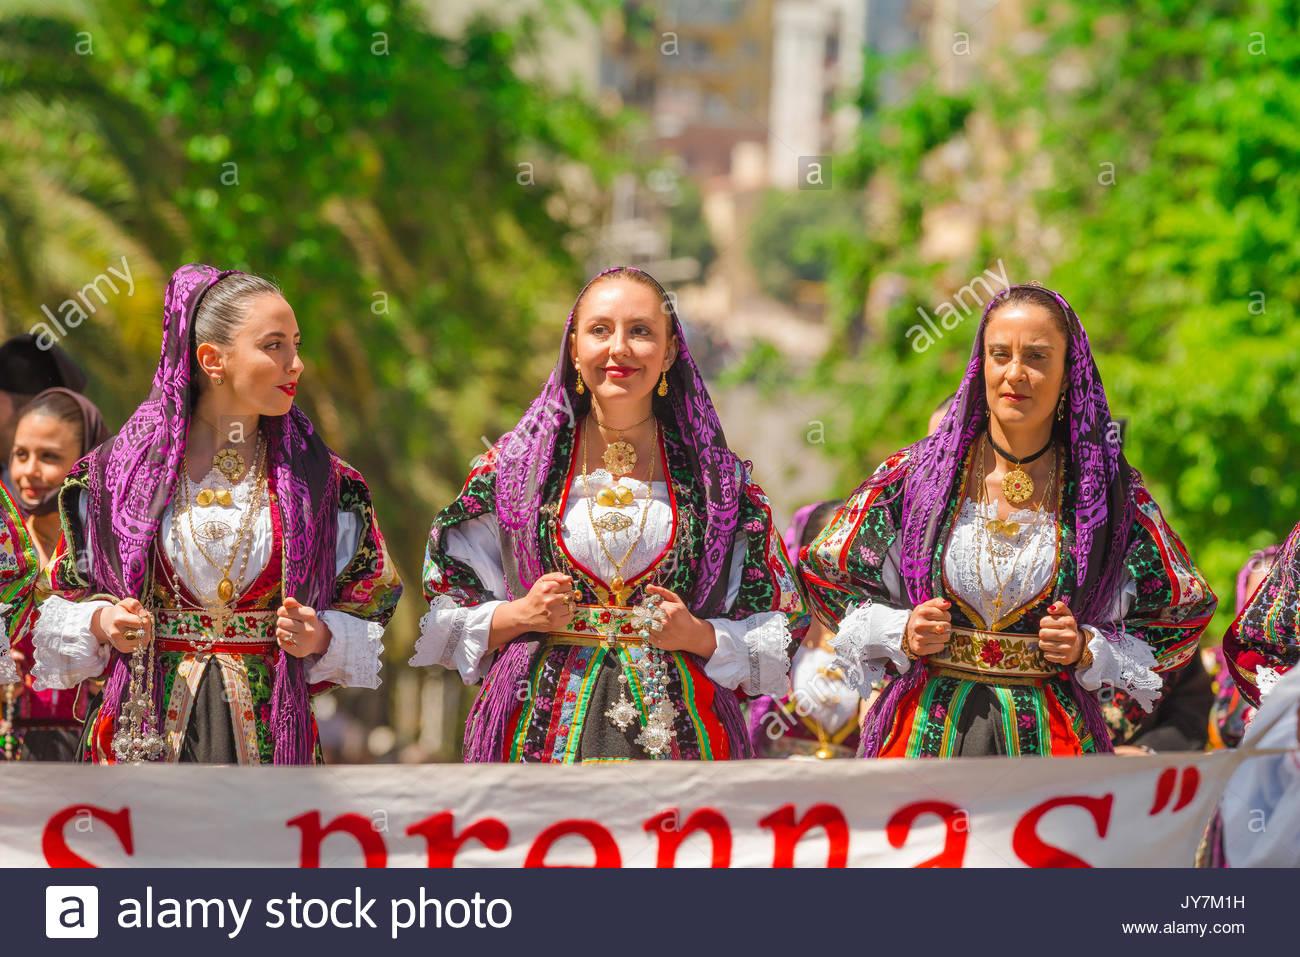 Sardegna festival, ritratto di tre donne in costume tradizionale durante il grand parade della Cavalcata Sarda festival di Sassari, Sardegna Immagini Stock